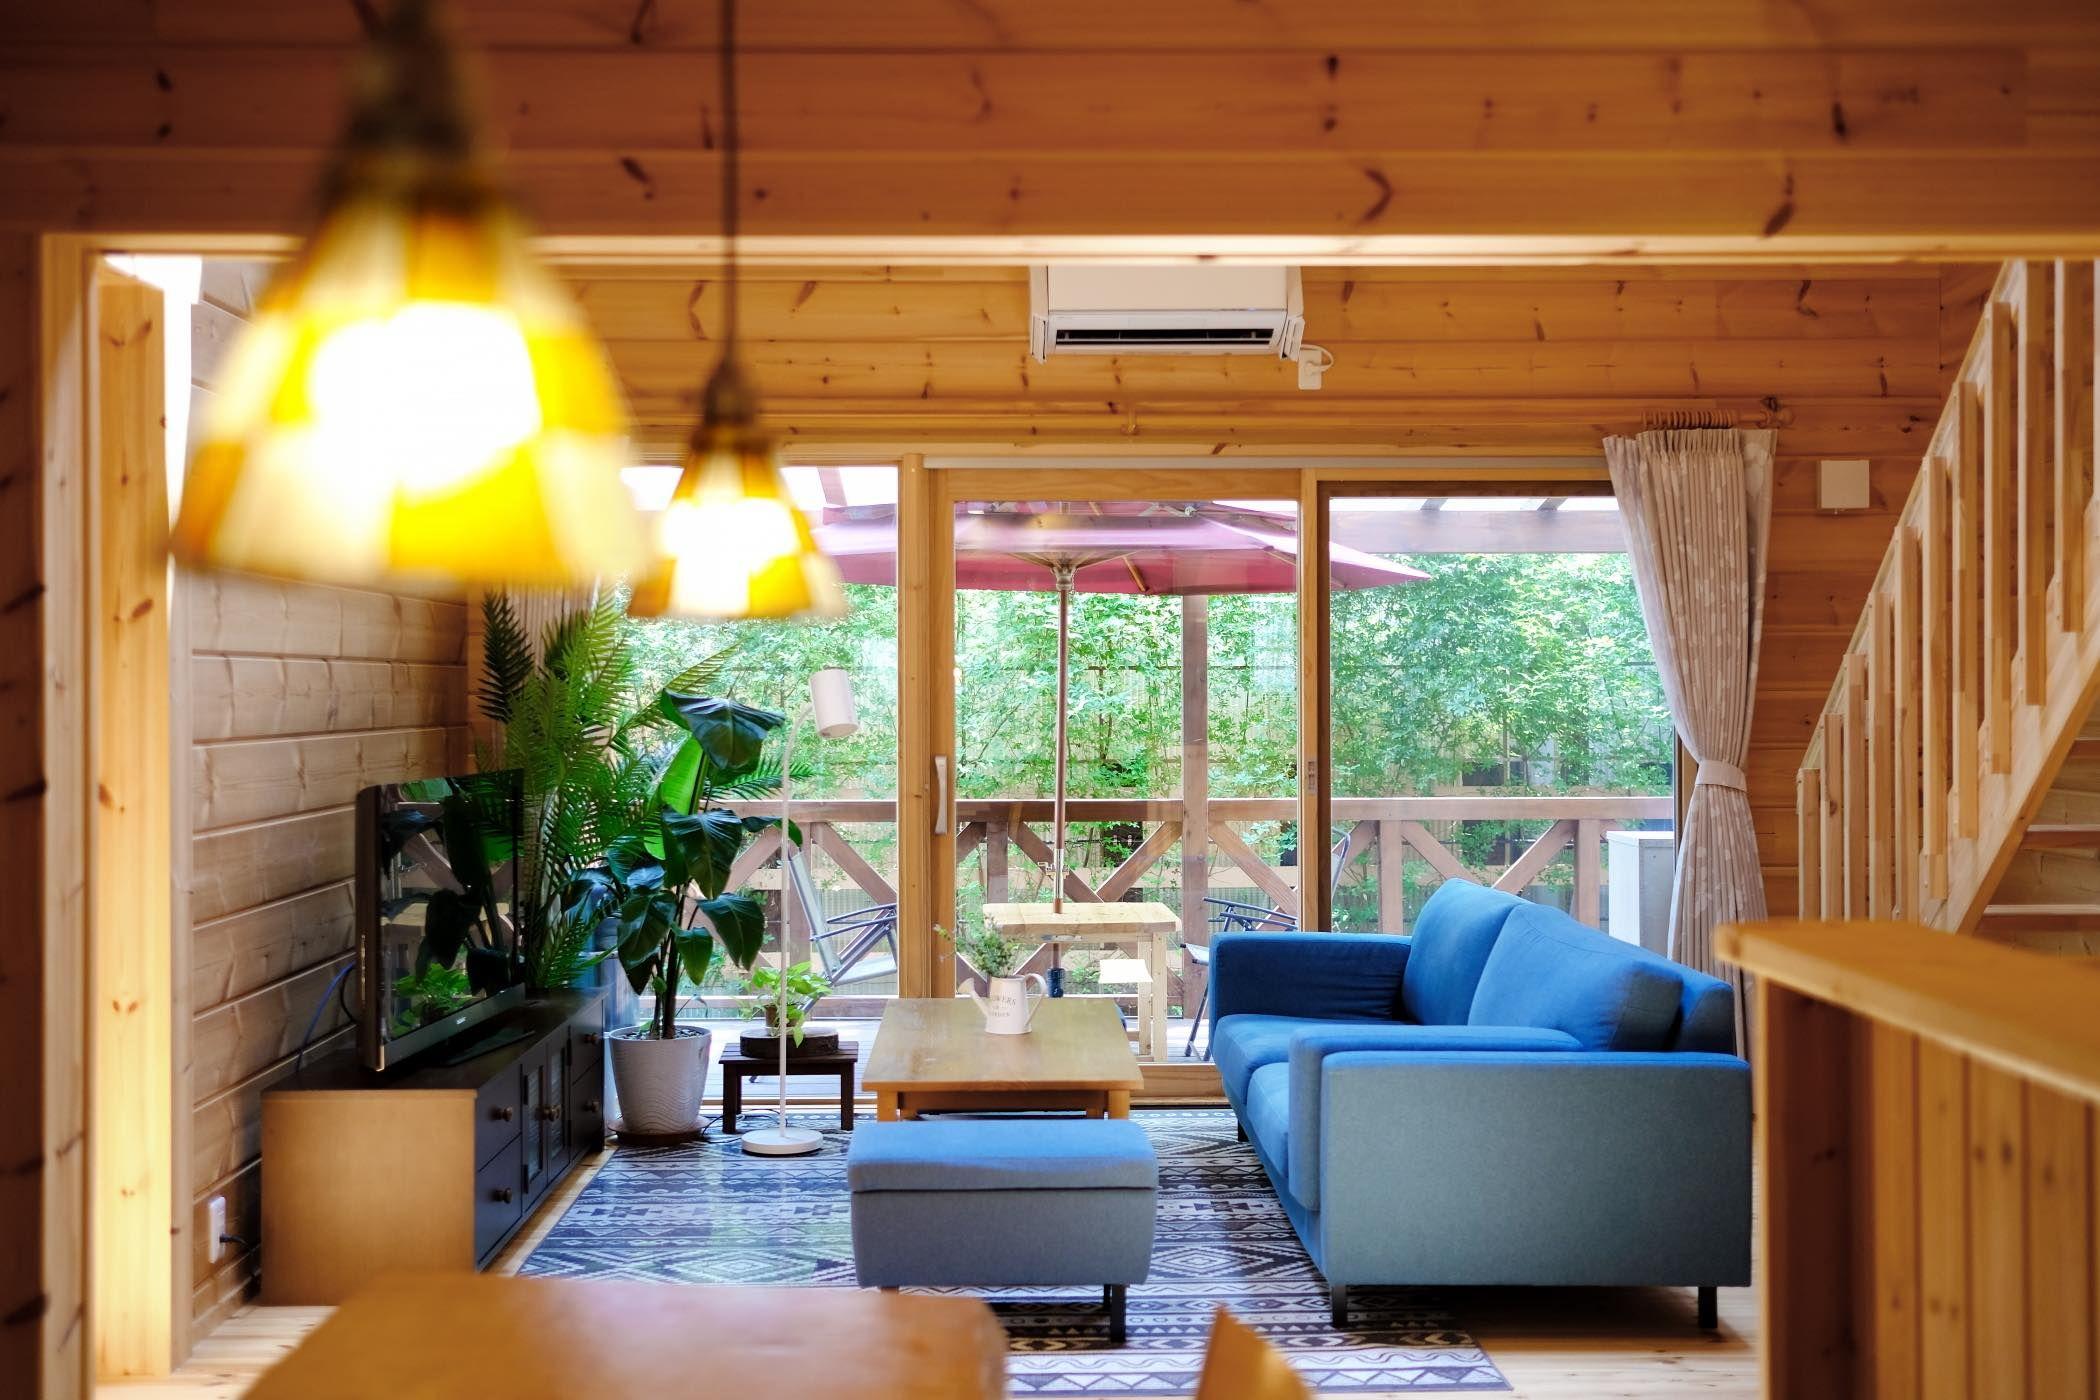 美しい自作のお庭を愛でる住宅街のログハウス 模様替え 住宅 家 内装